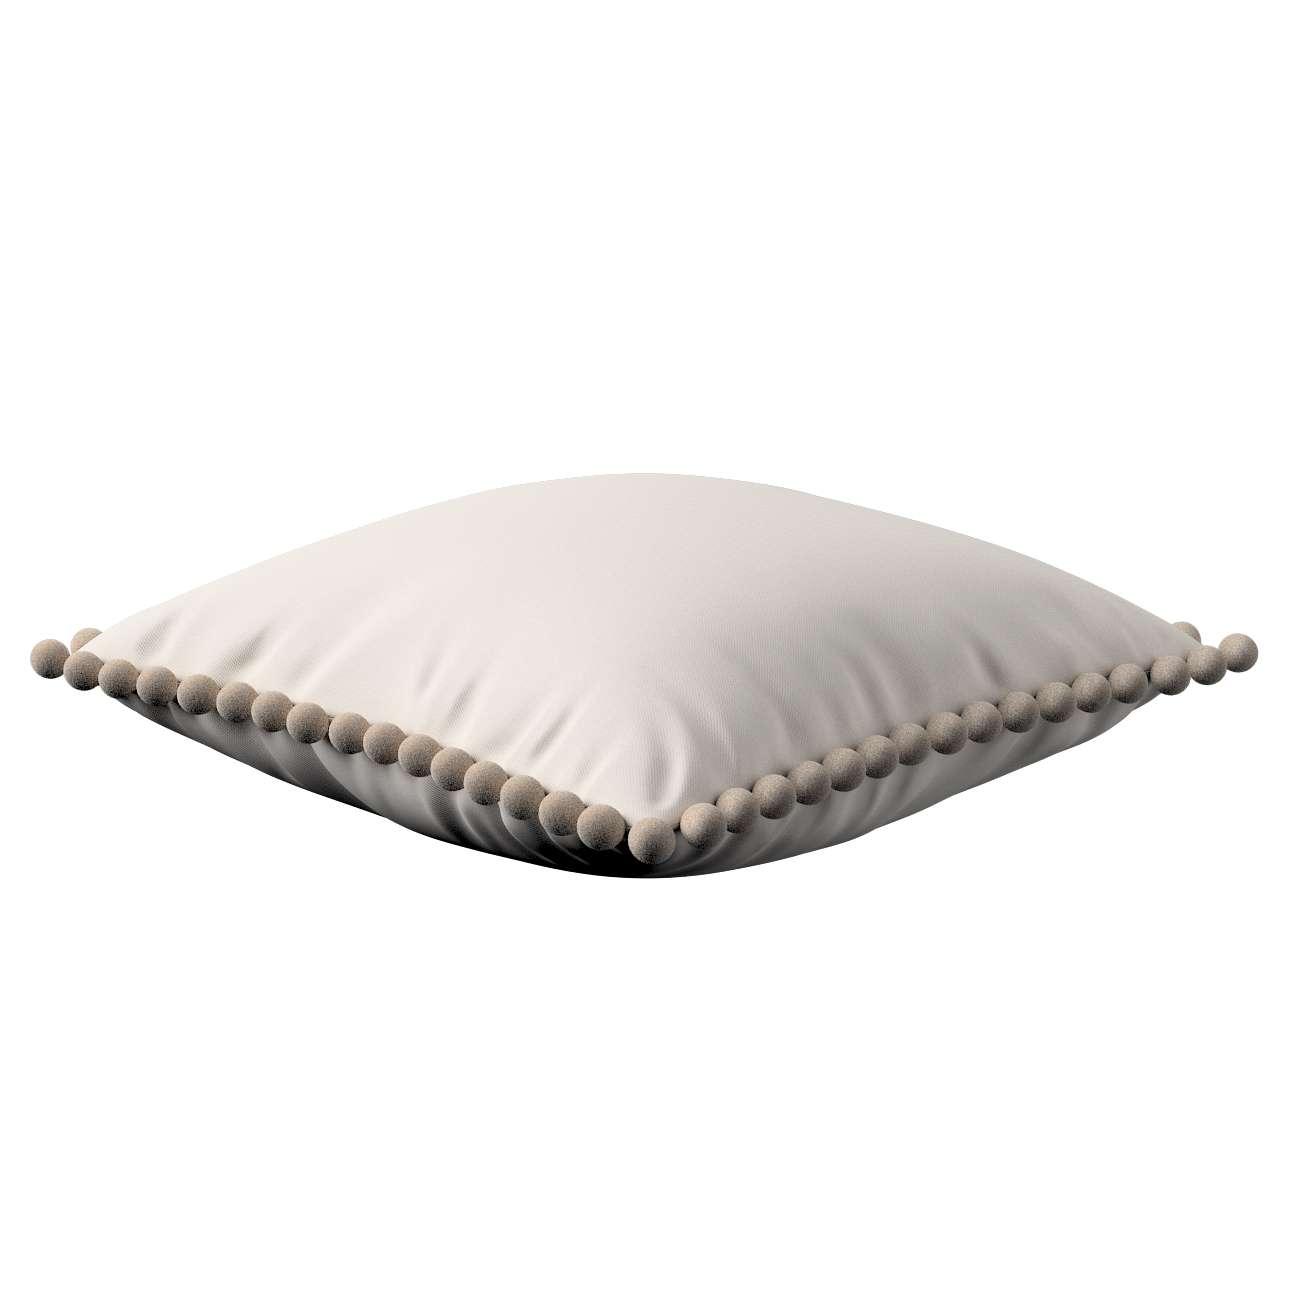 Wera dekoratyvinės pagalvėlės su žaismingais kraštais 45 x 45 cm kolekcijoje Etna , audinys: 705-01